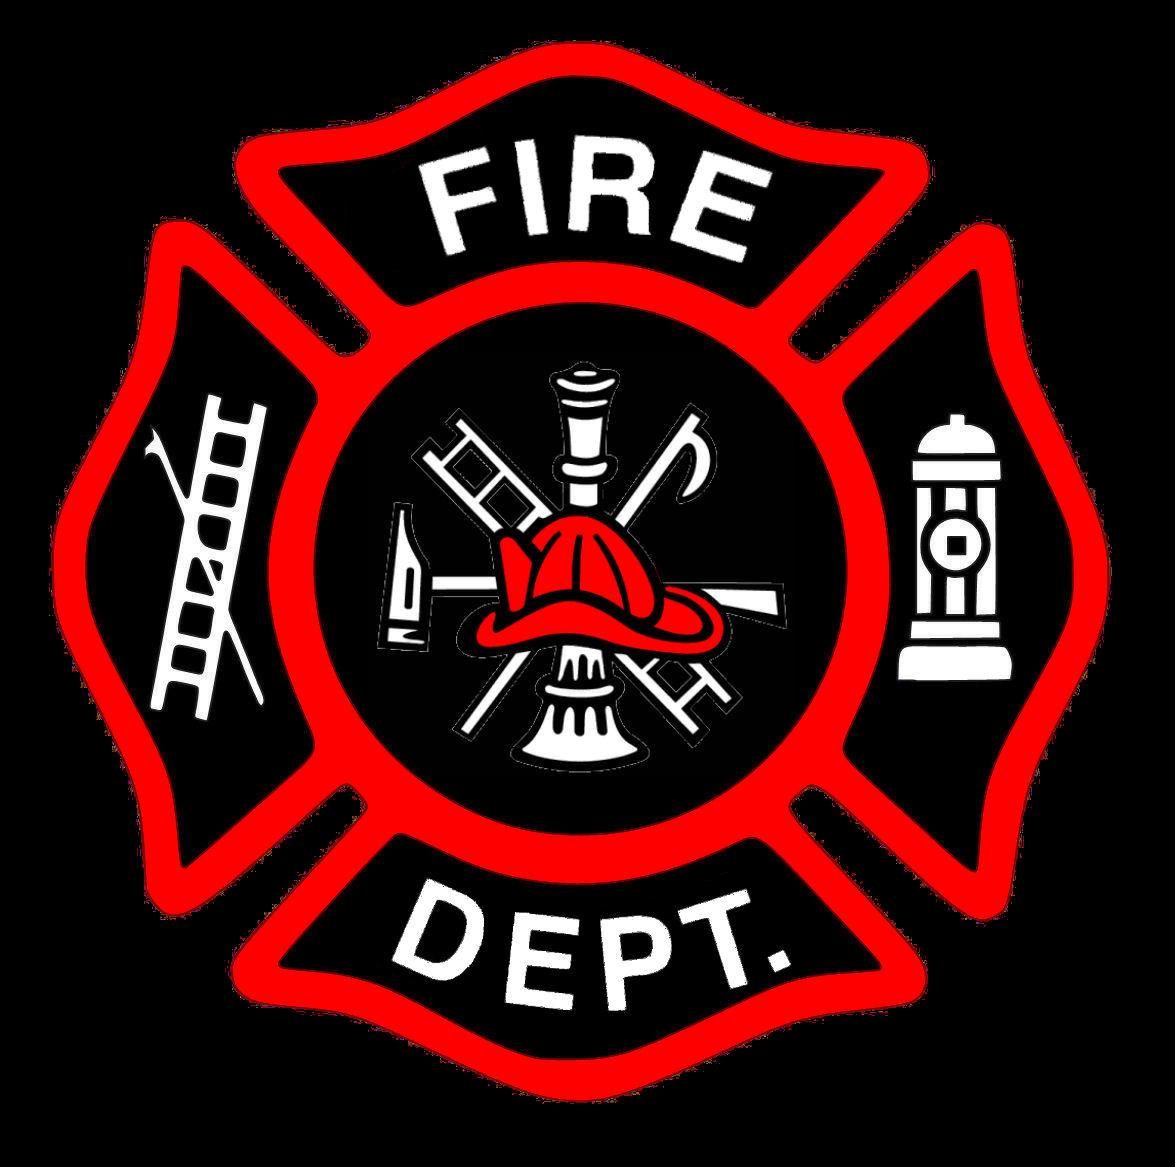 Firefighter emblem clipart clip art transparent download Firefighter fireman emblem clipart clipart kid - Clipartix clip art transparent download